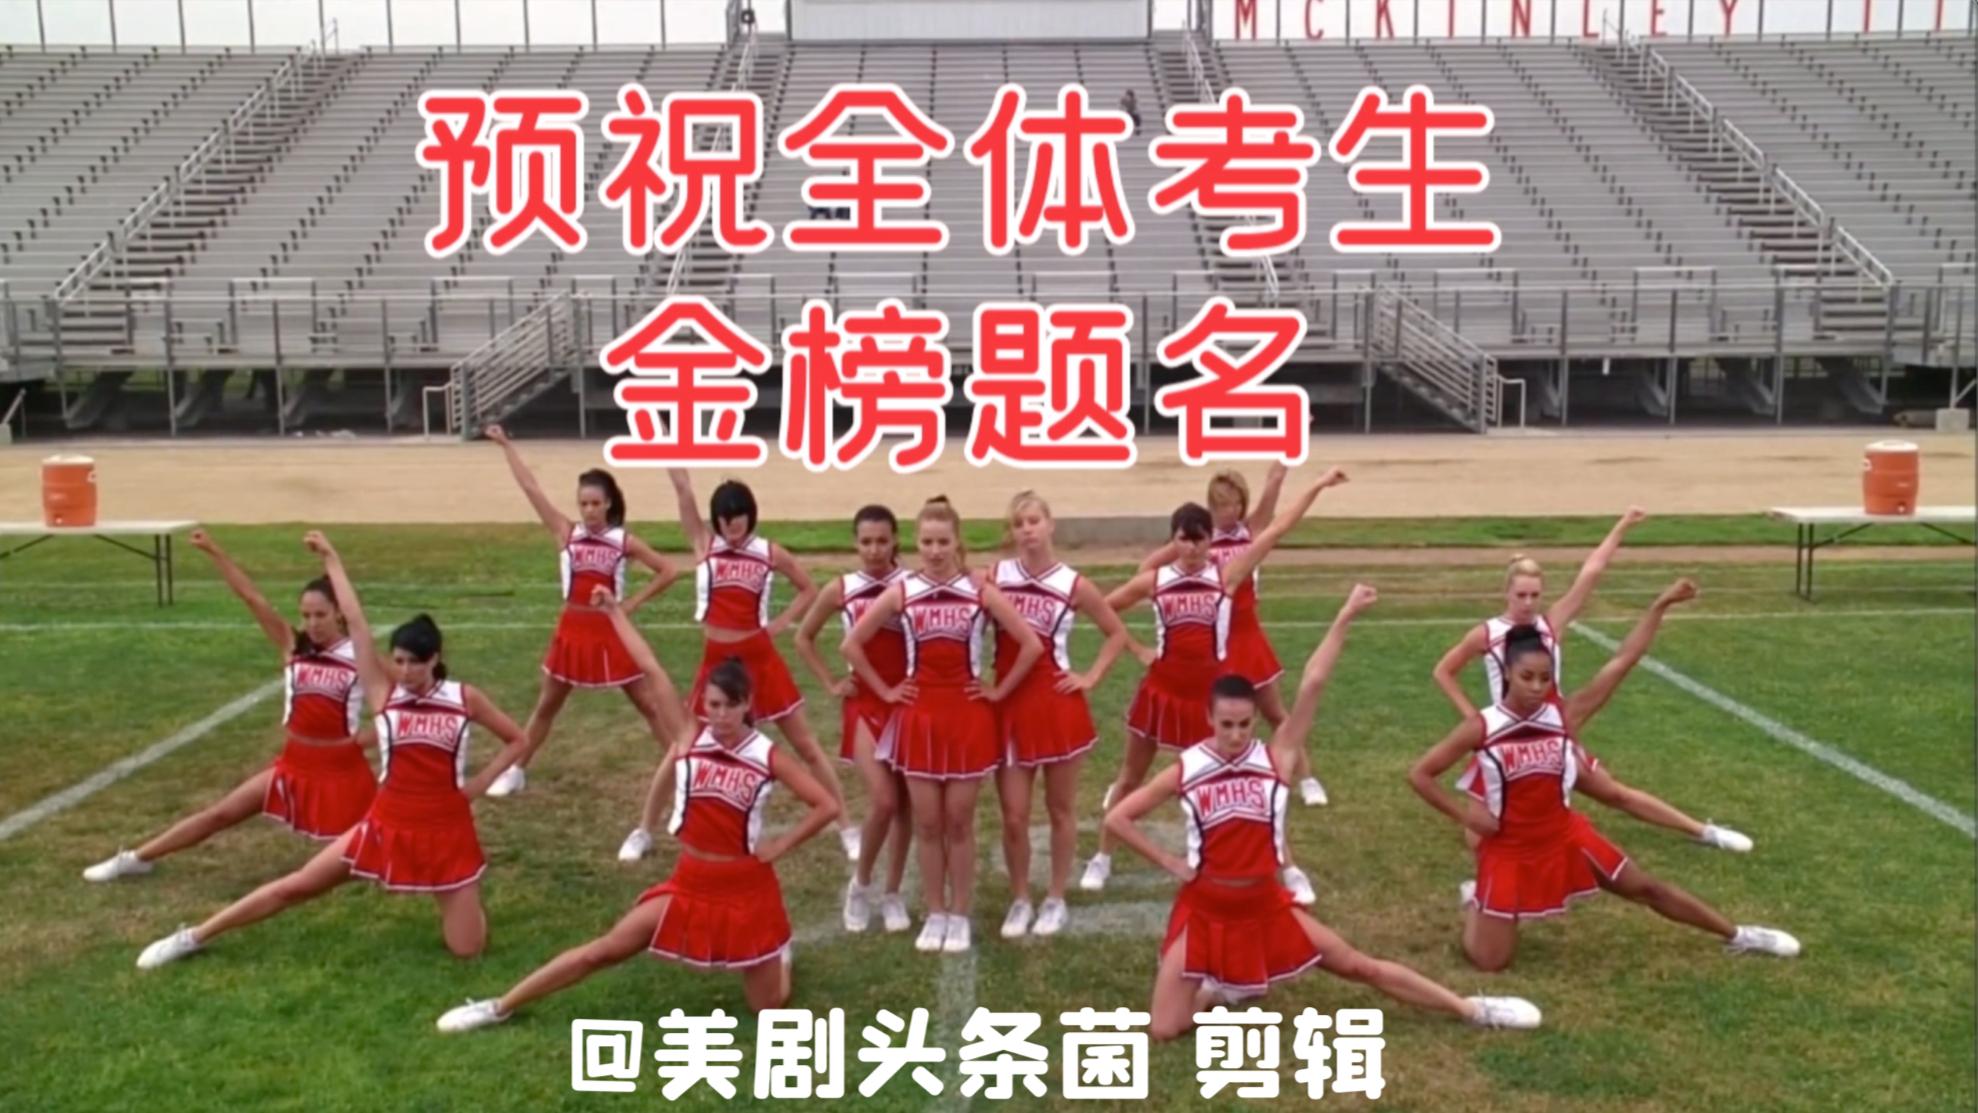 【踩点|混剪】美剧最强啦啦队,为高考应援!